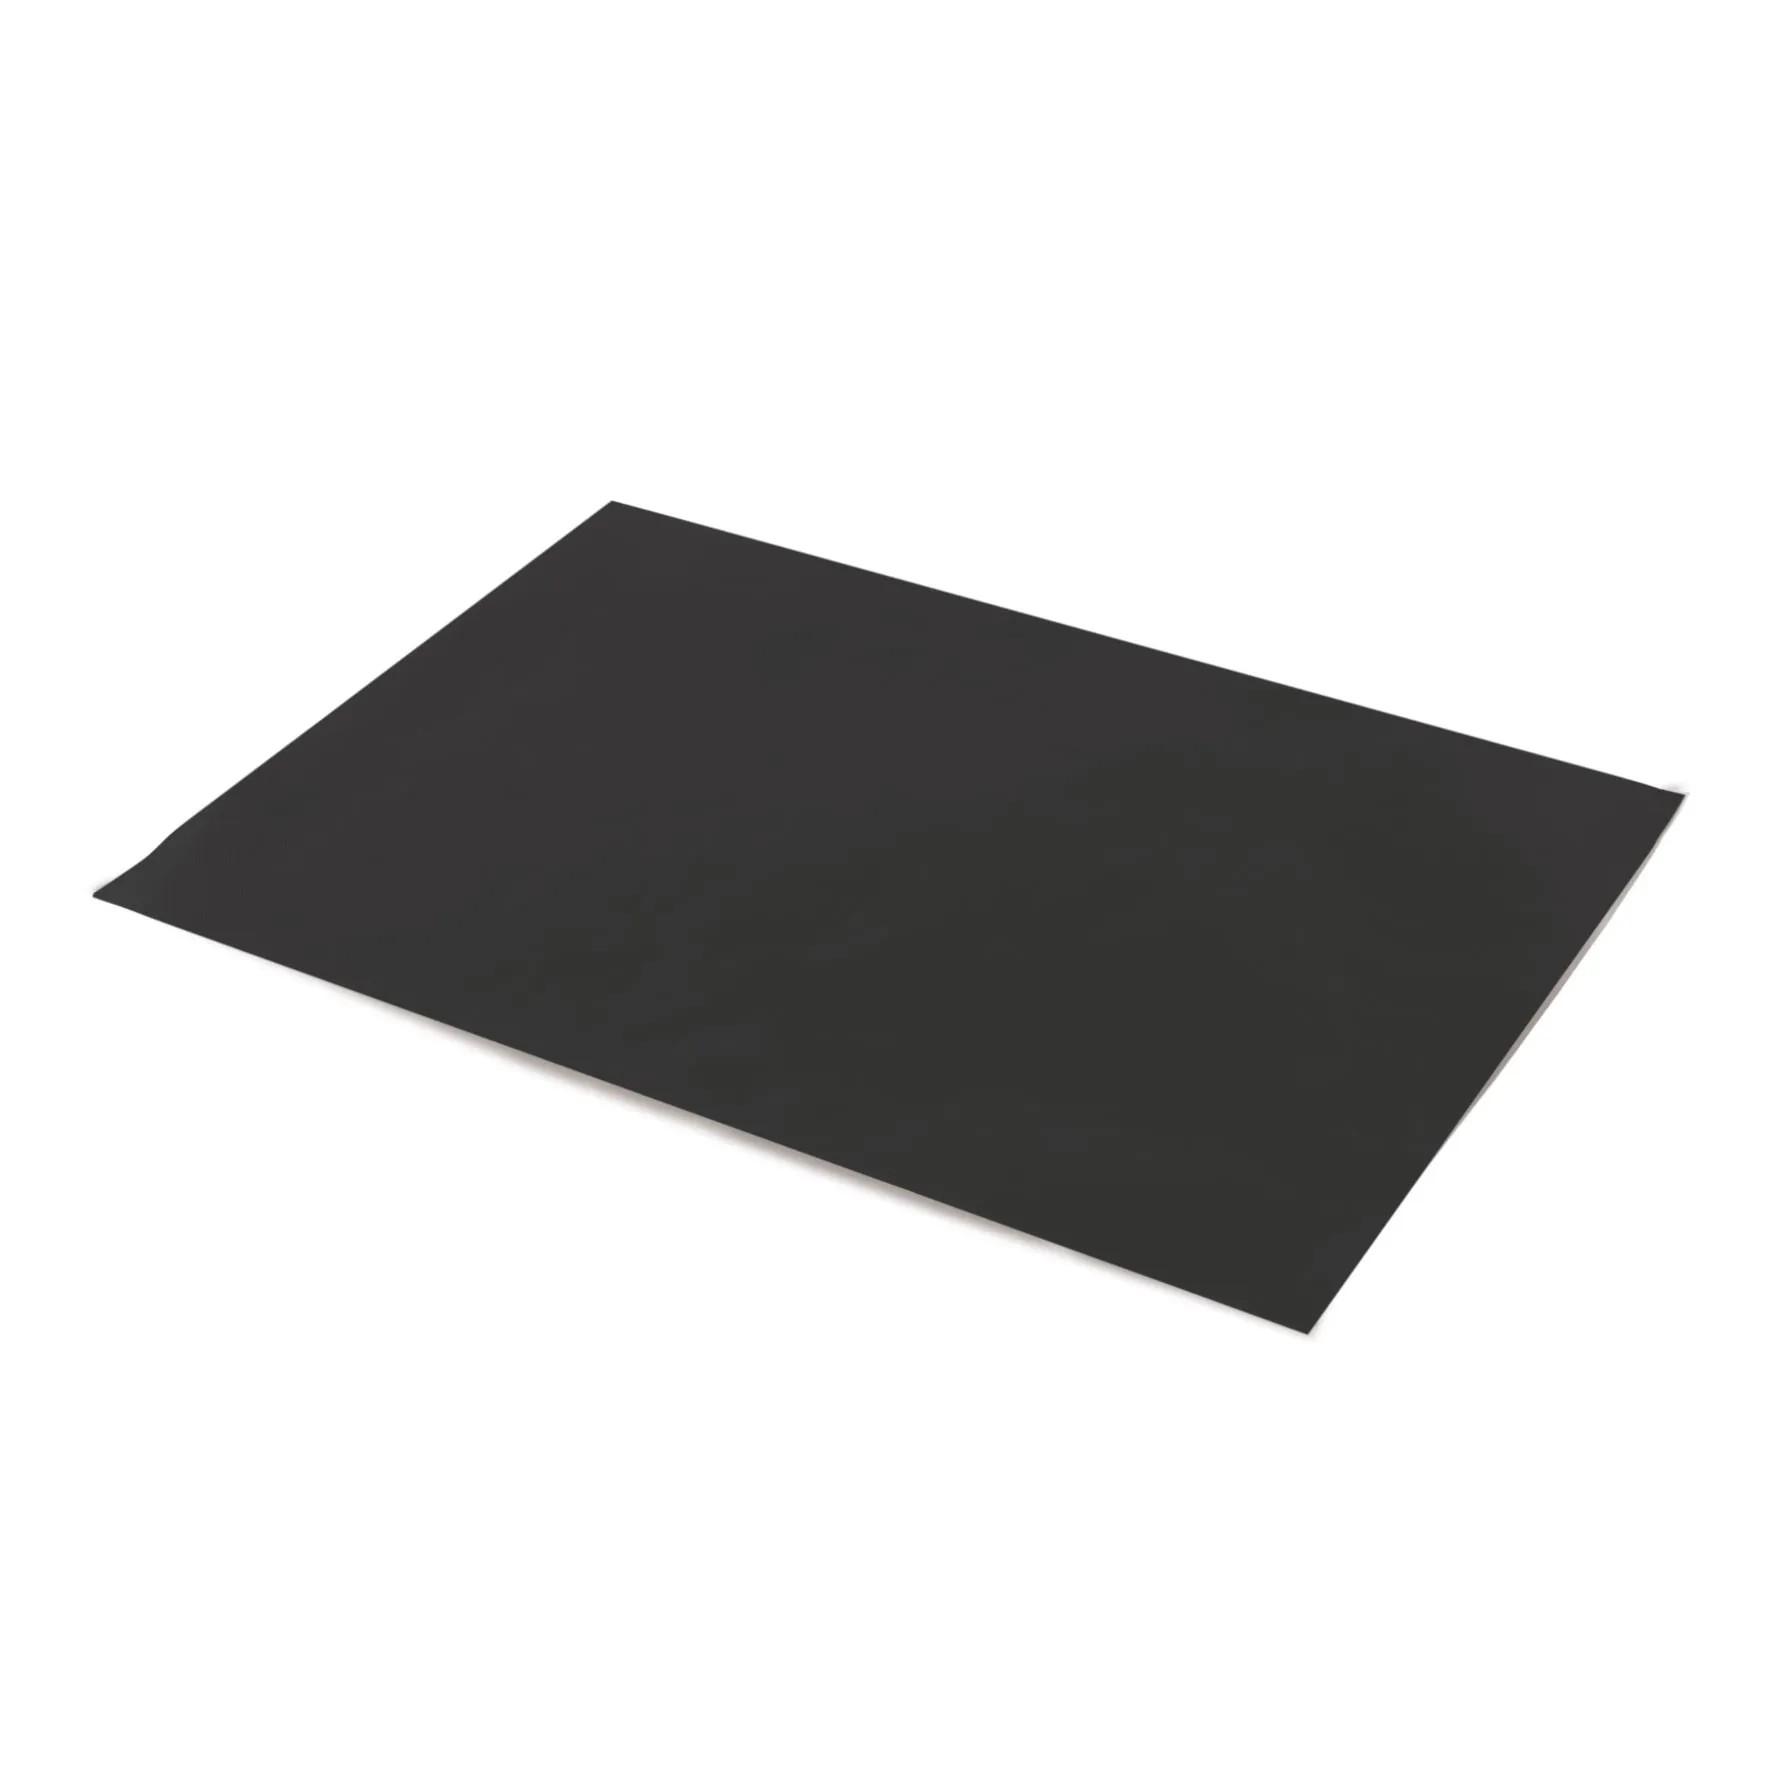 Manta Antiaderente para Churrasco 33 x 40 cm - Mimo Style  - Lojão de Ofertas